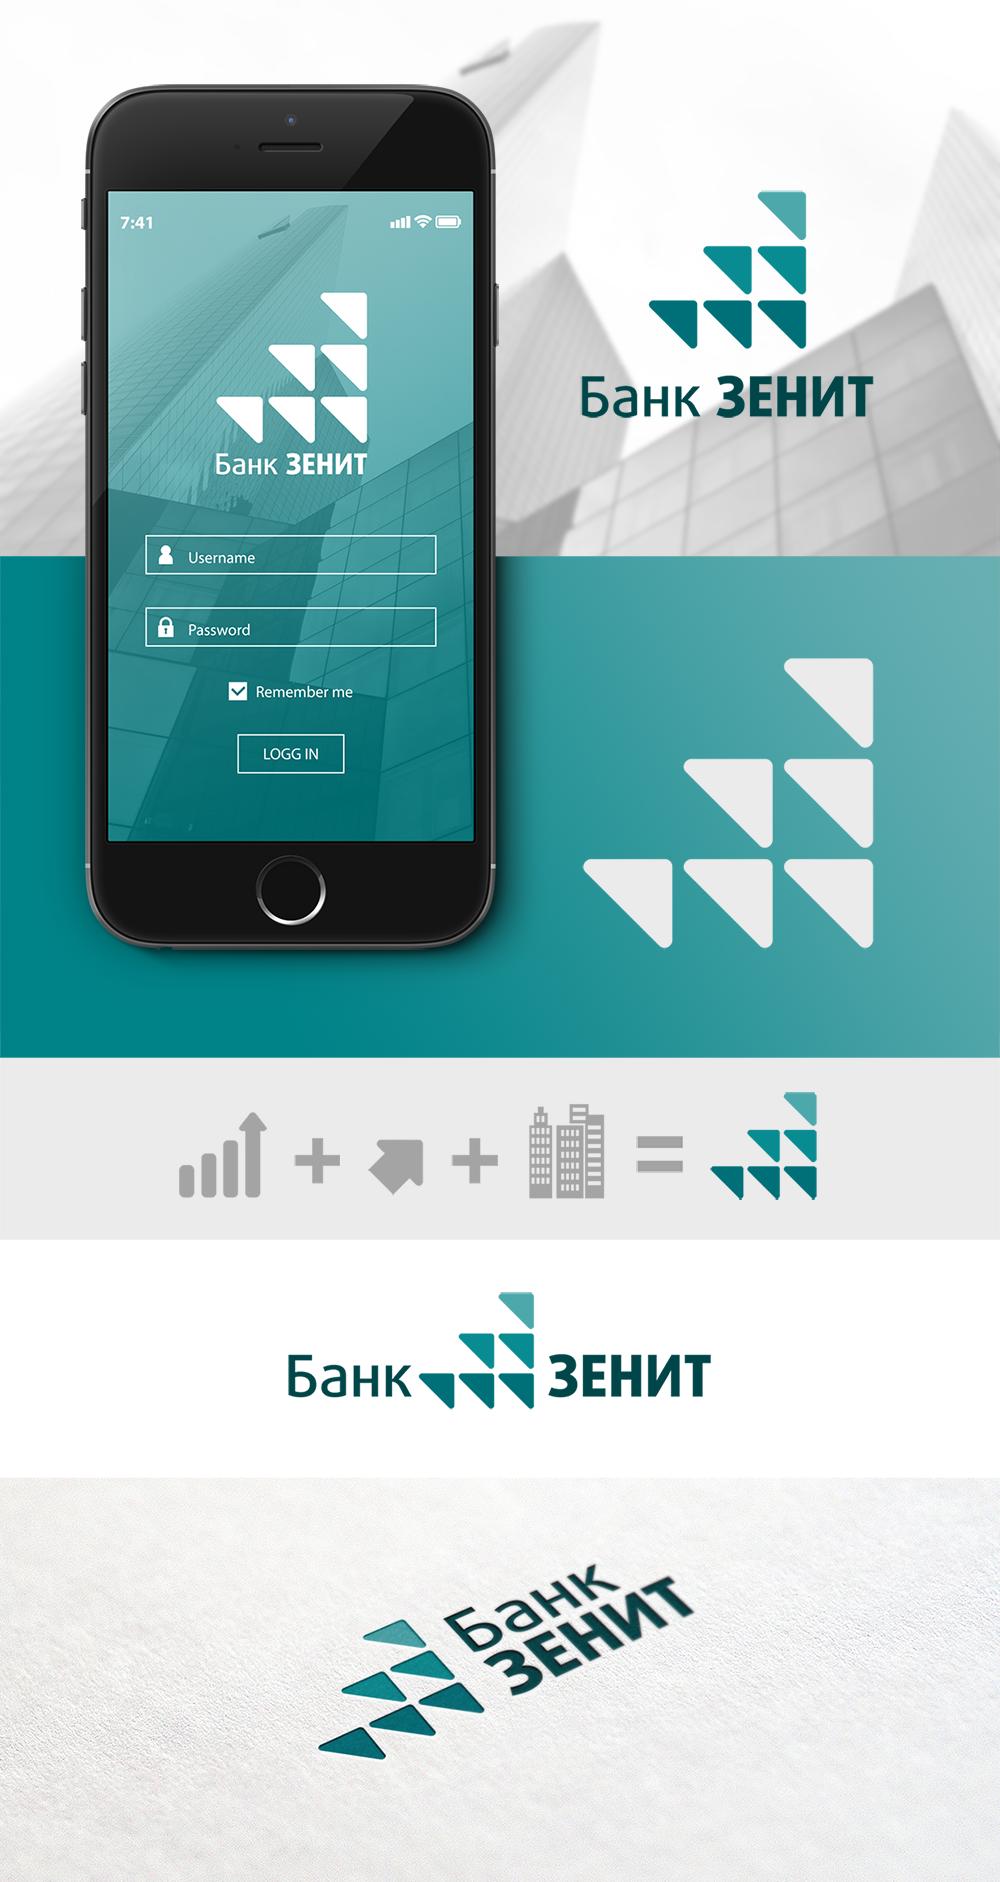 Разработка логотипа для Банка ЗЕНИТ фото f_9055b4bd2d049c24.png